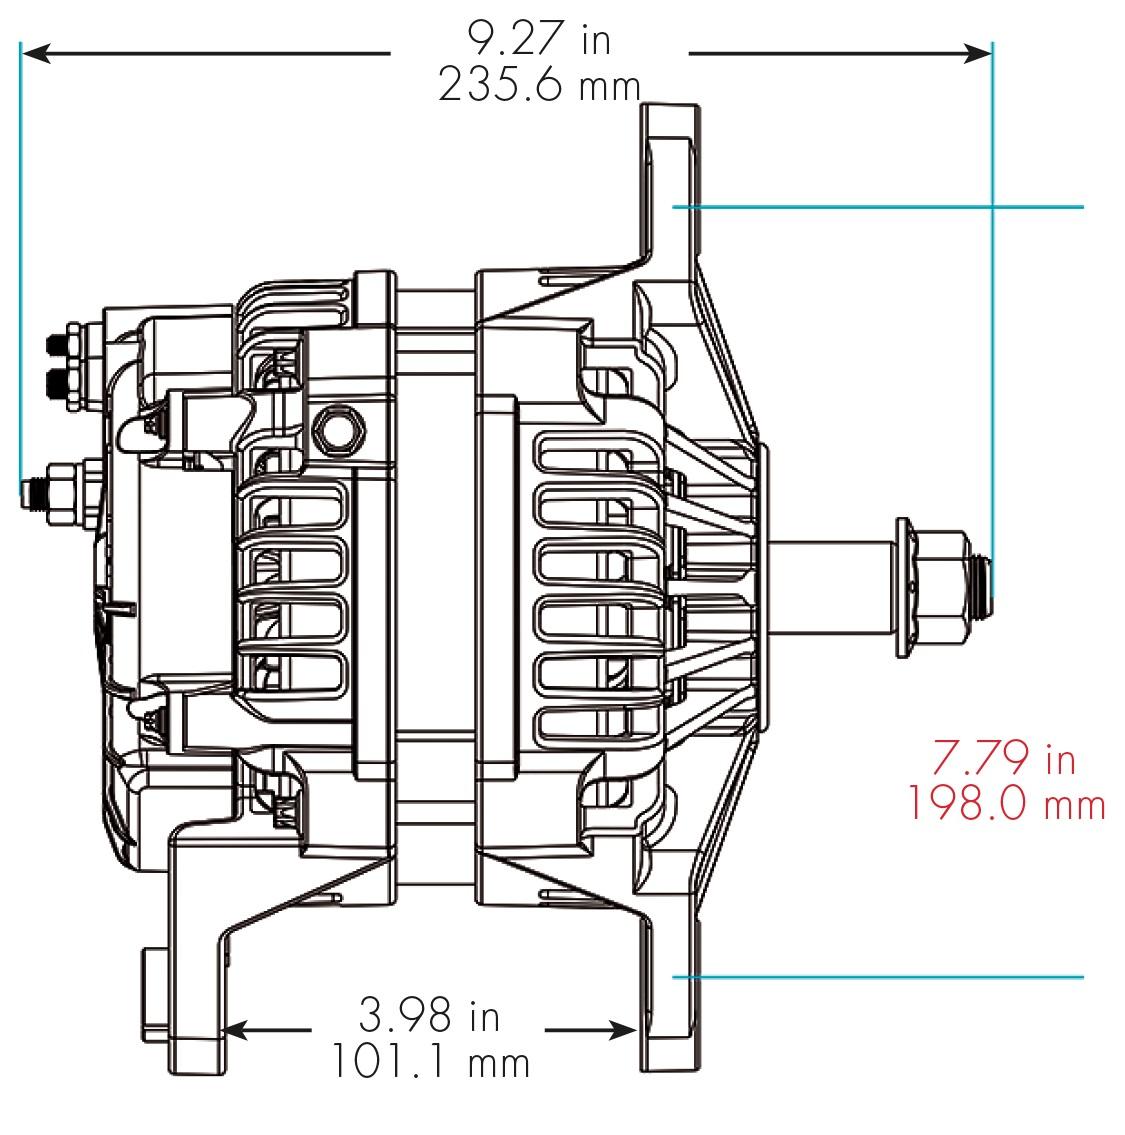 Si Delco Wiring Diagram 7 Trusted Diagrams 11si Alternator 28si U2022 Mitsubishi